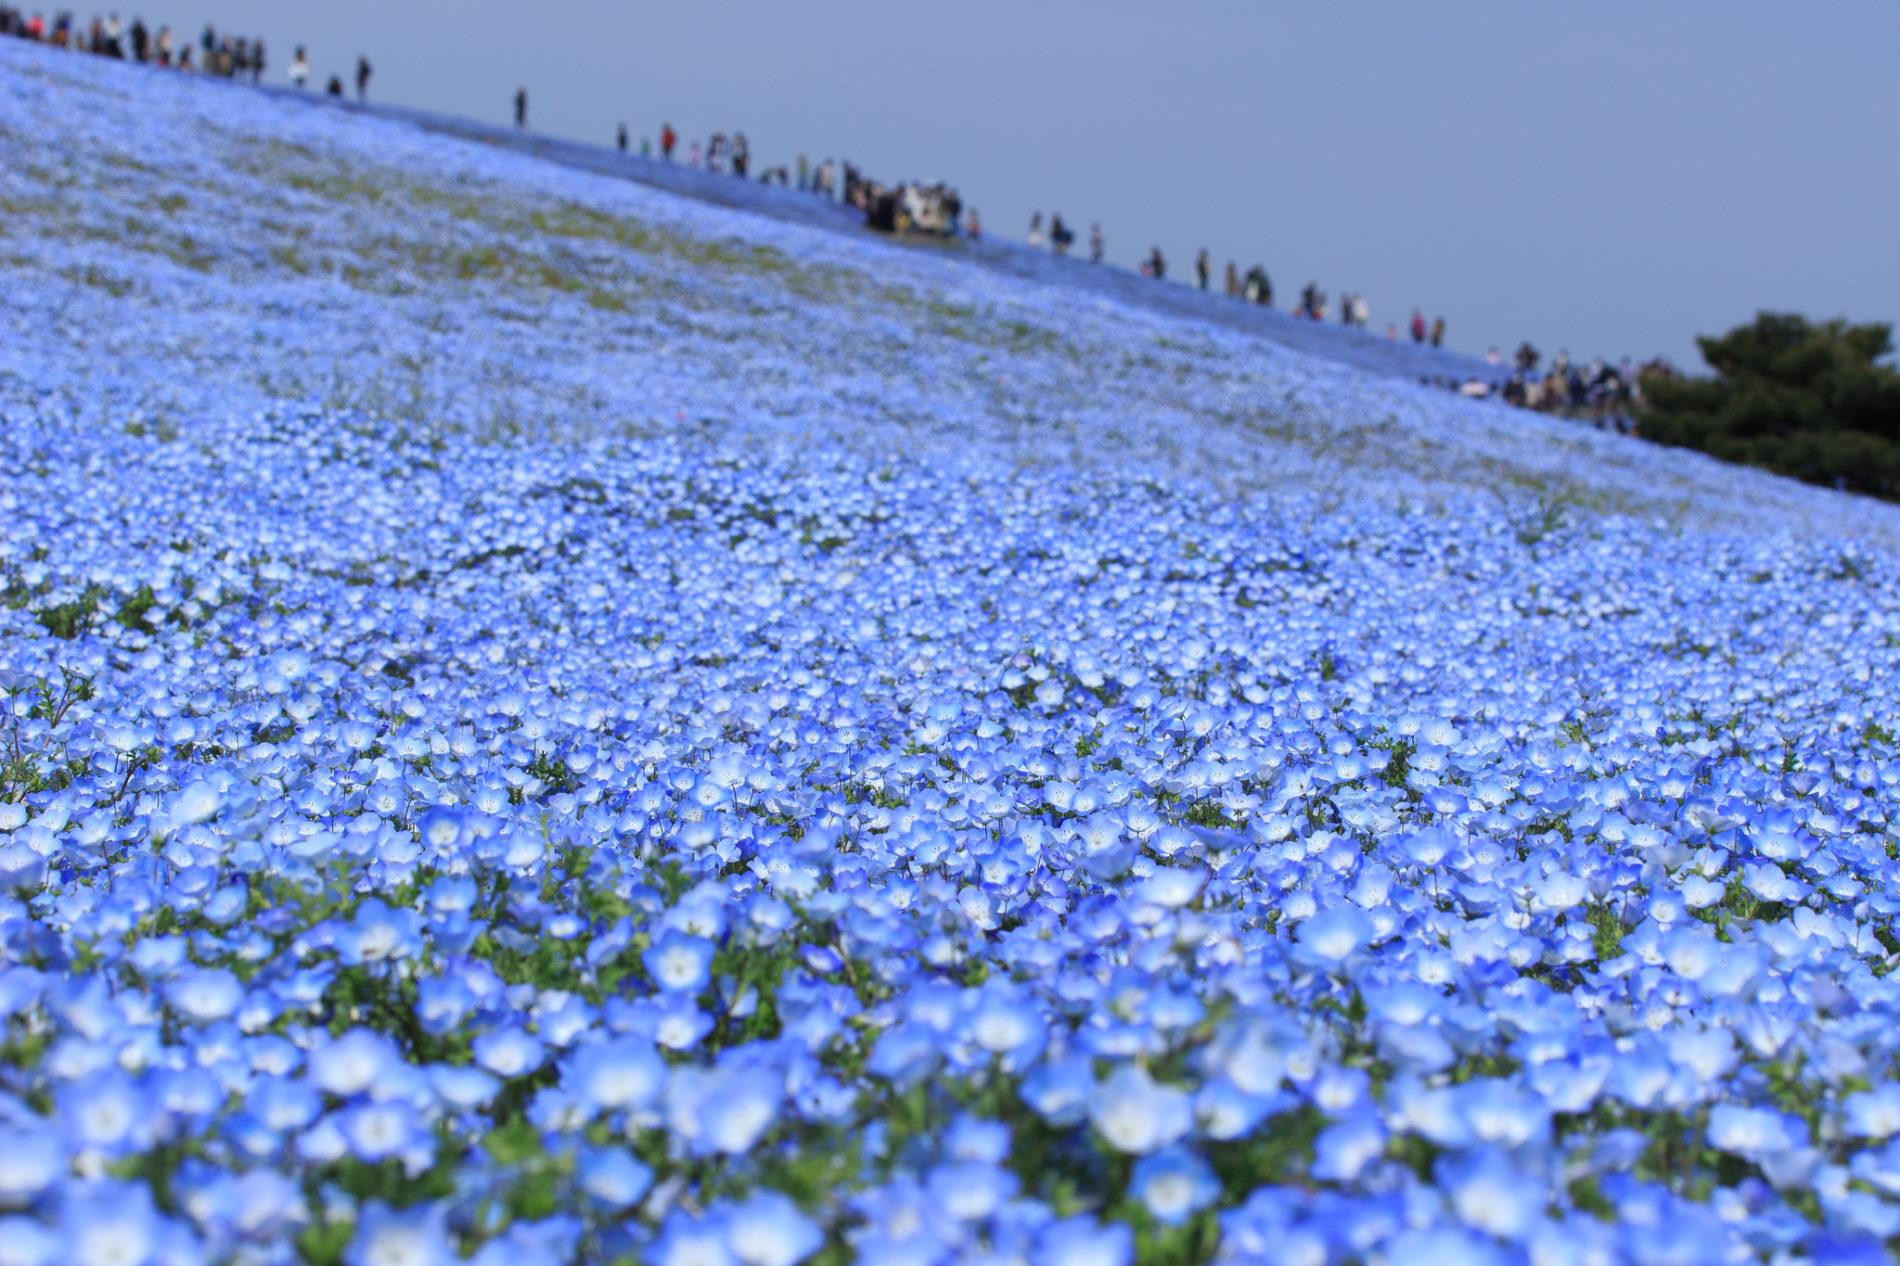 Blaue Hainblumen bewachsen ganze Flächen im Hitachi Seaside Park in Ibaraki.